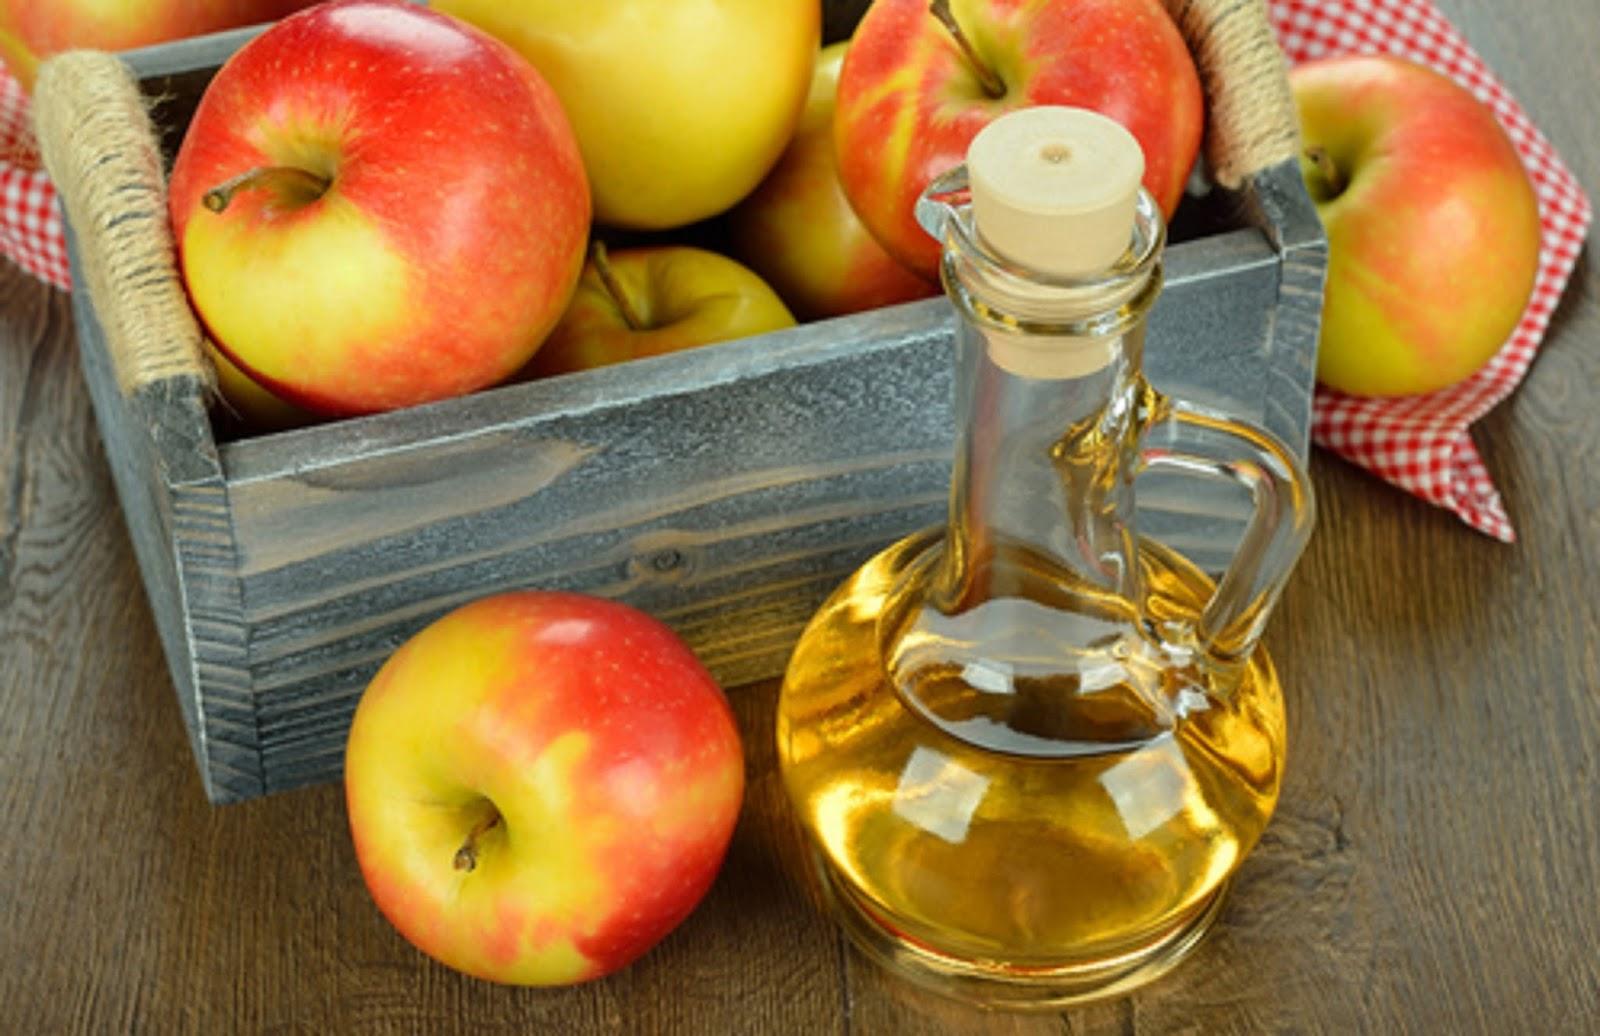 Les bienfaits du vinaigre de cidre pour maigrir : la pomme et ses vertus